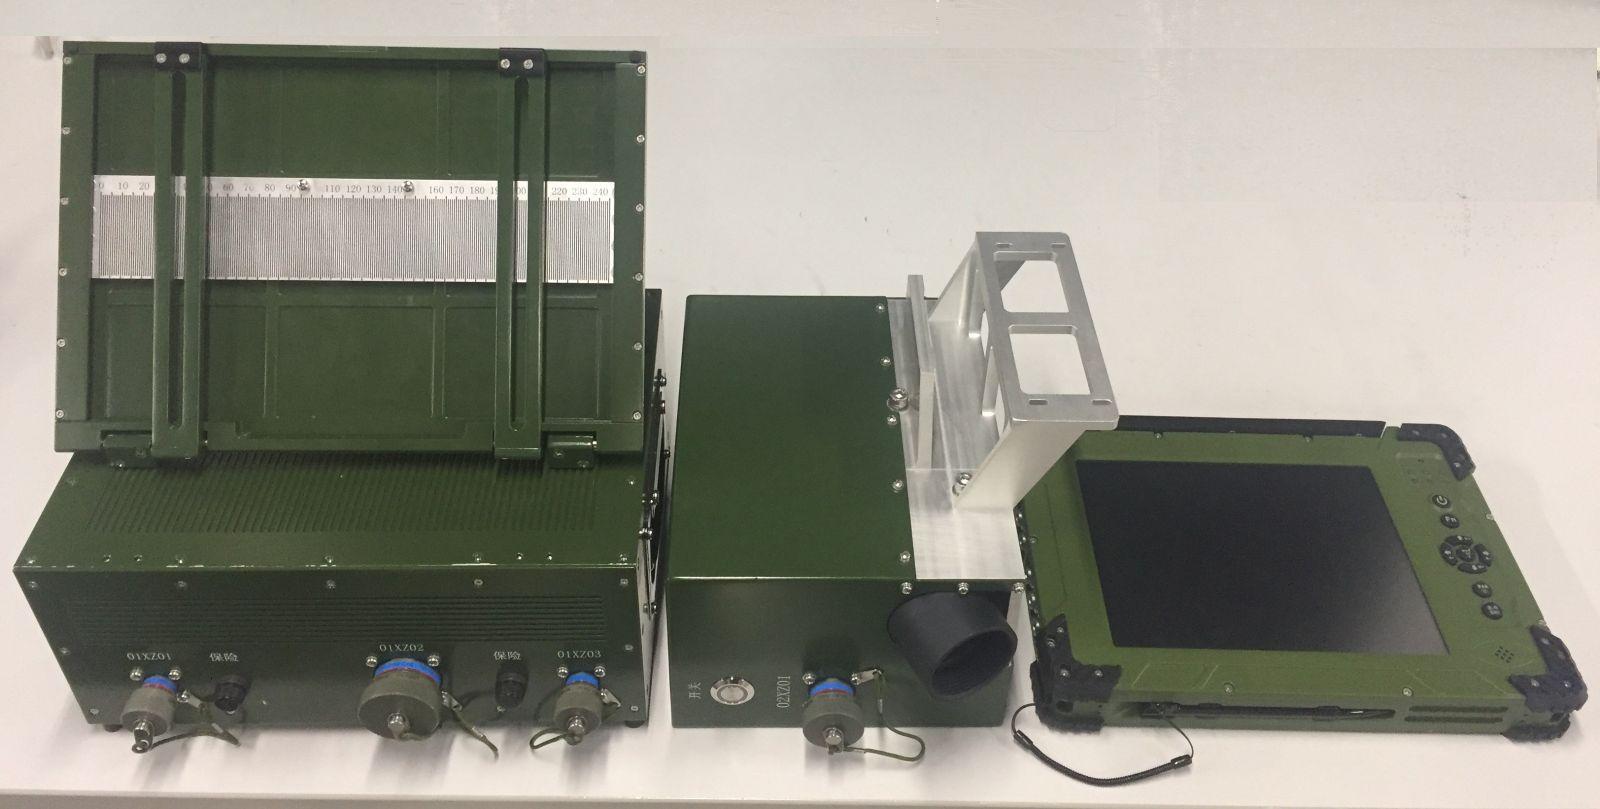 坐标系自动标定设备